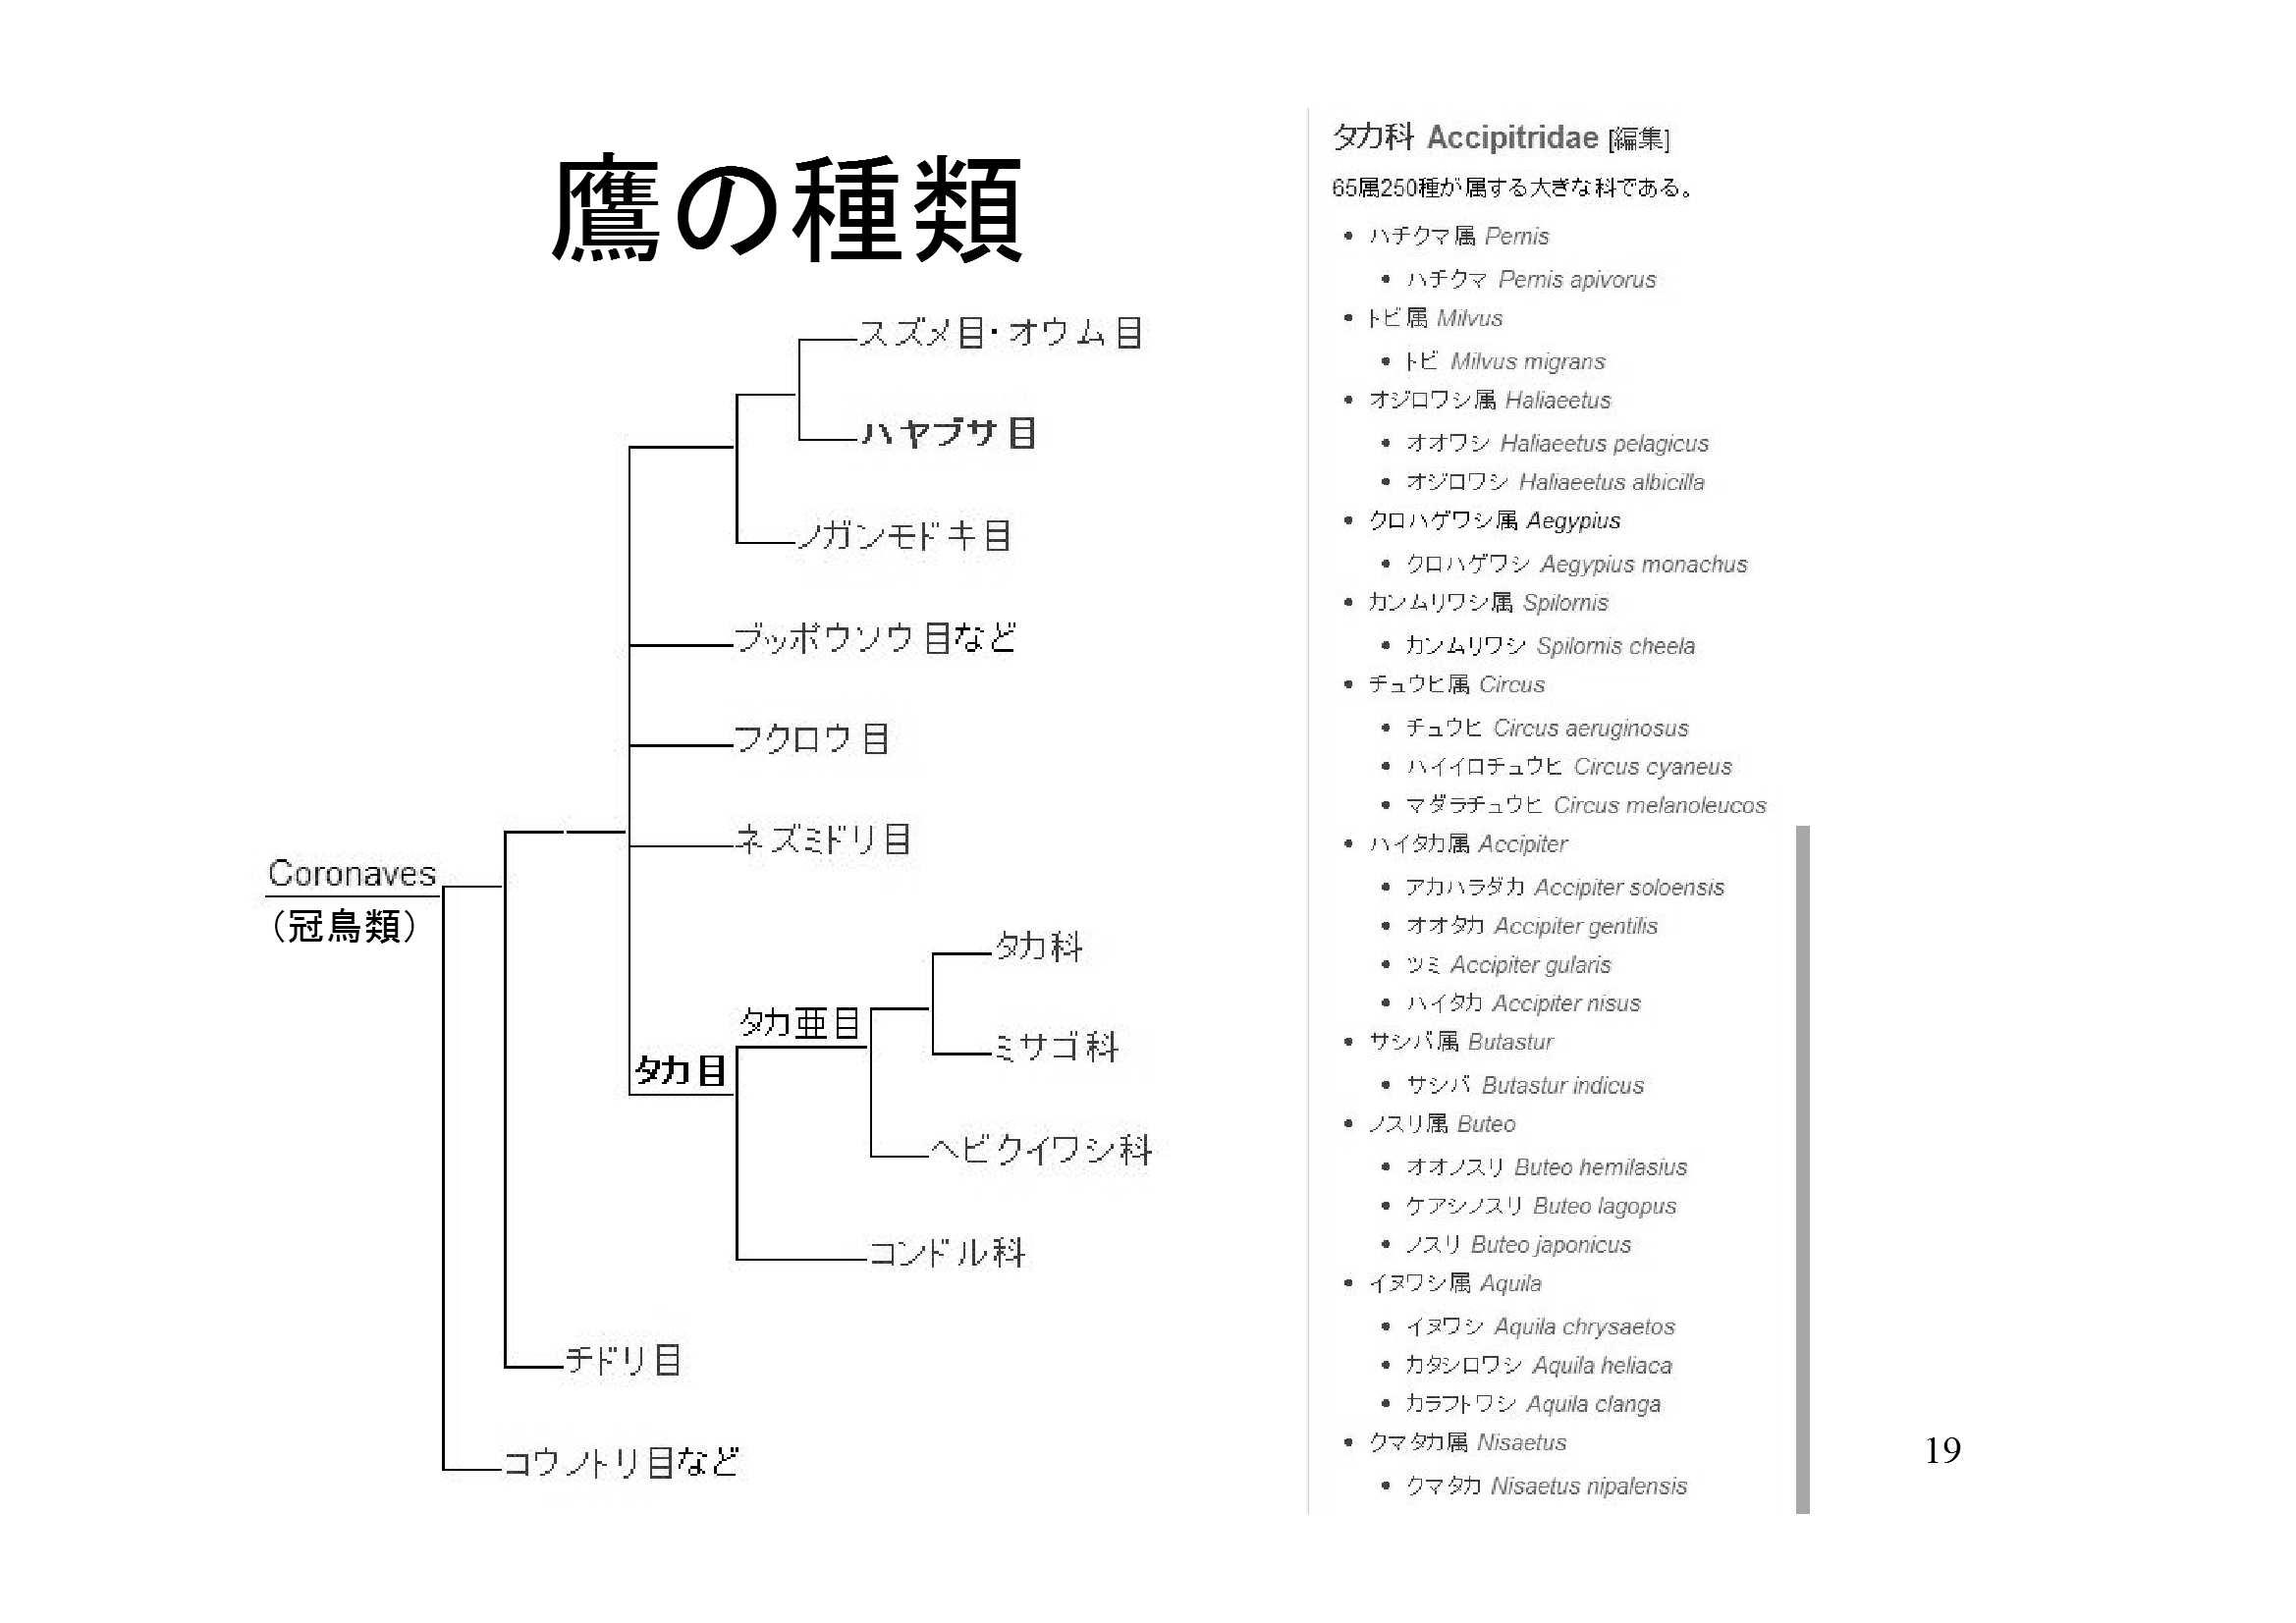 5鷹の道 [互換モード]-19